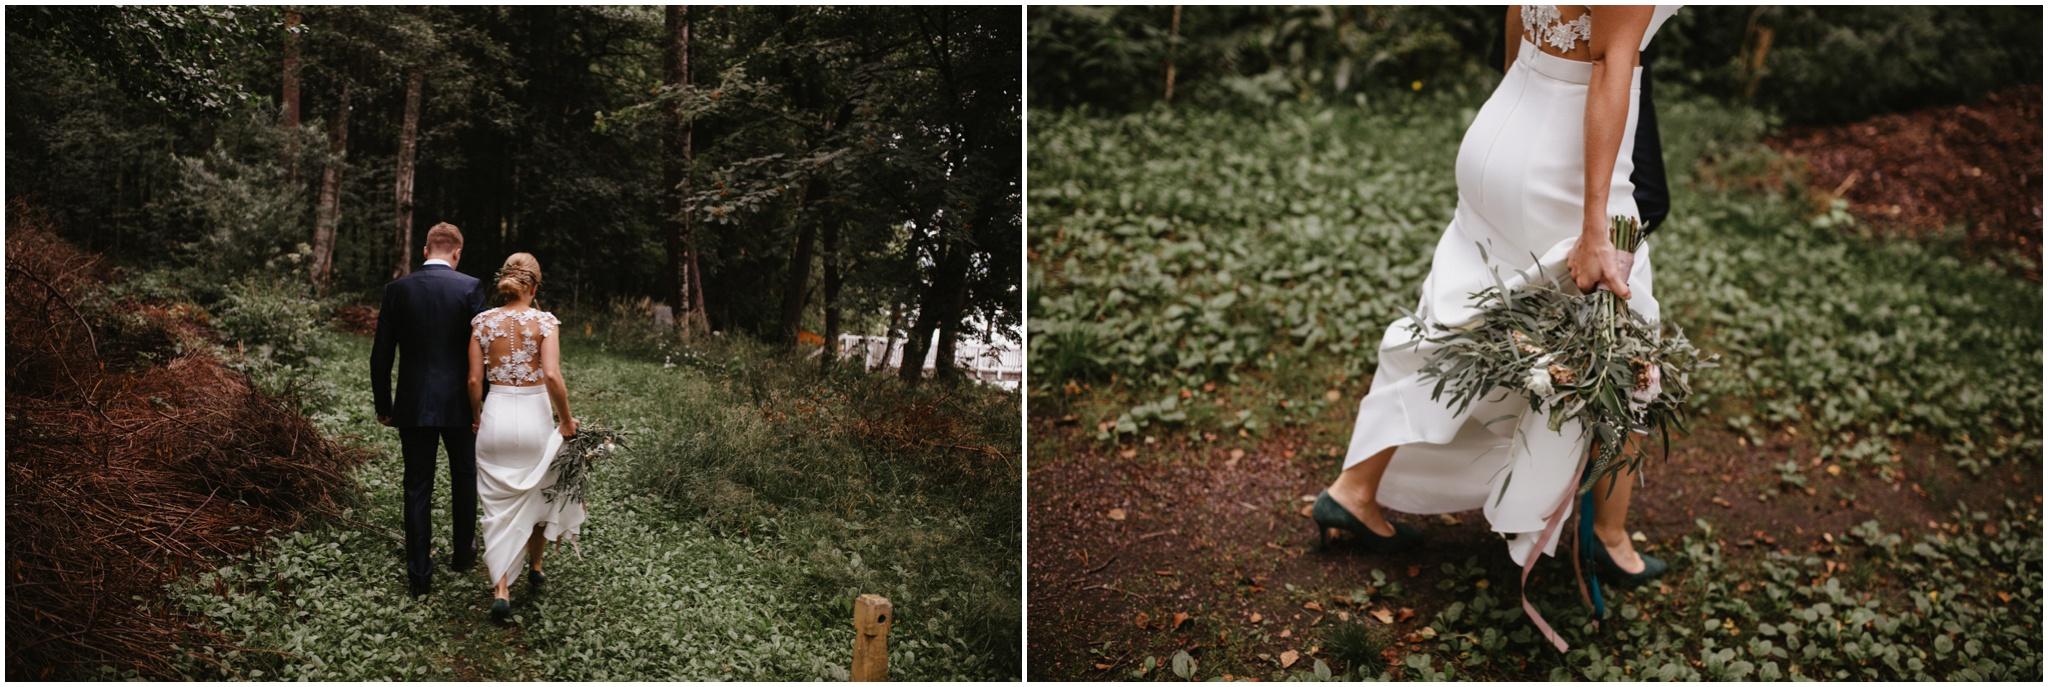 Noora + Kalle 10.jpg